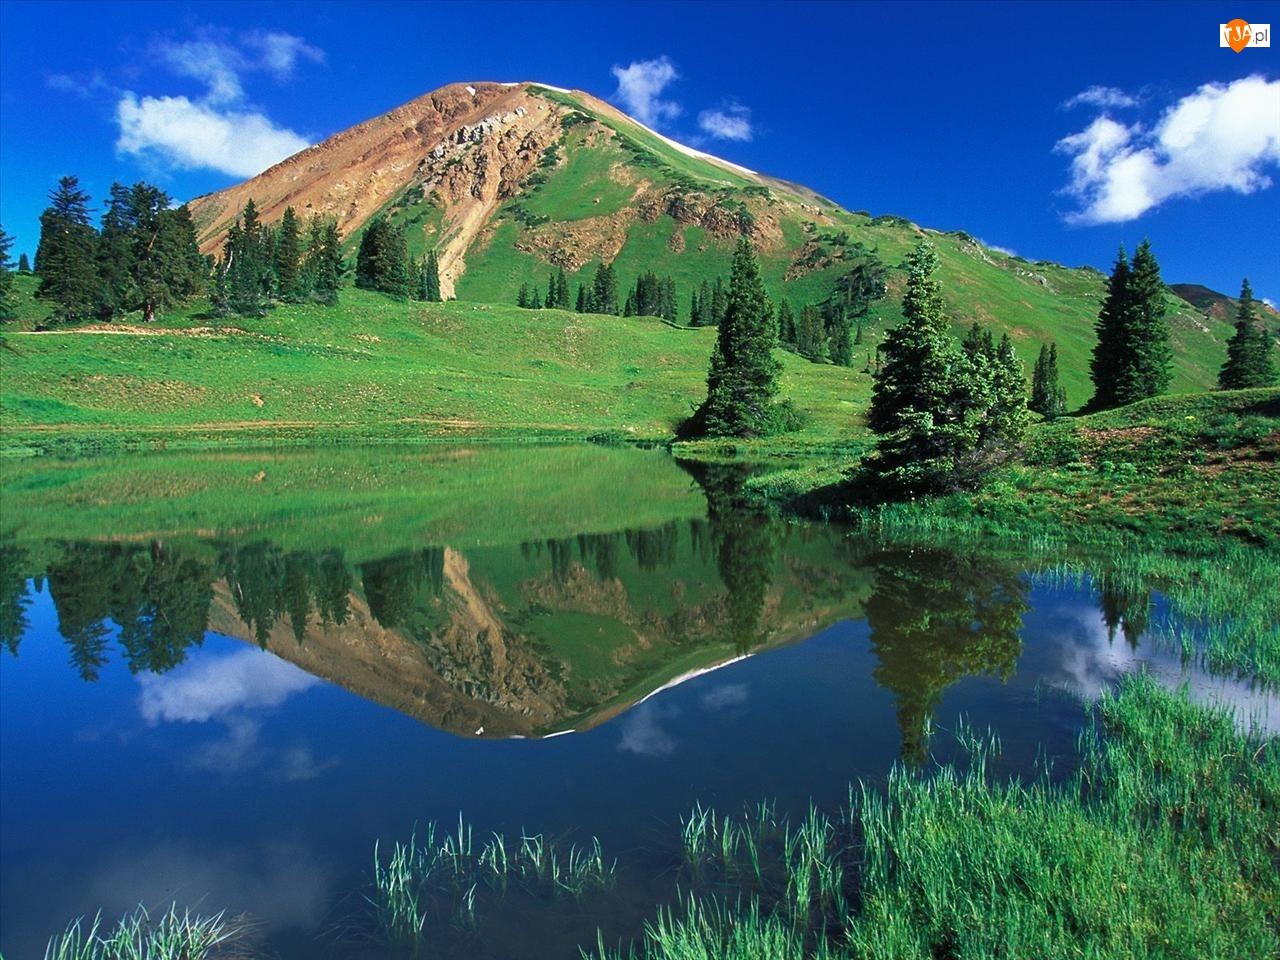 Trawa, Odbicie, Kolorado, Góra, Woda, Drzewa